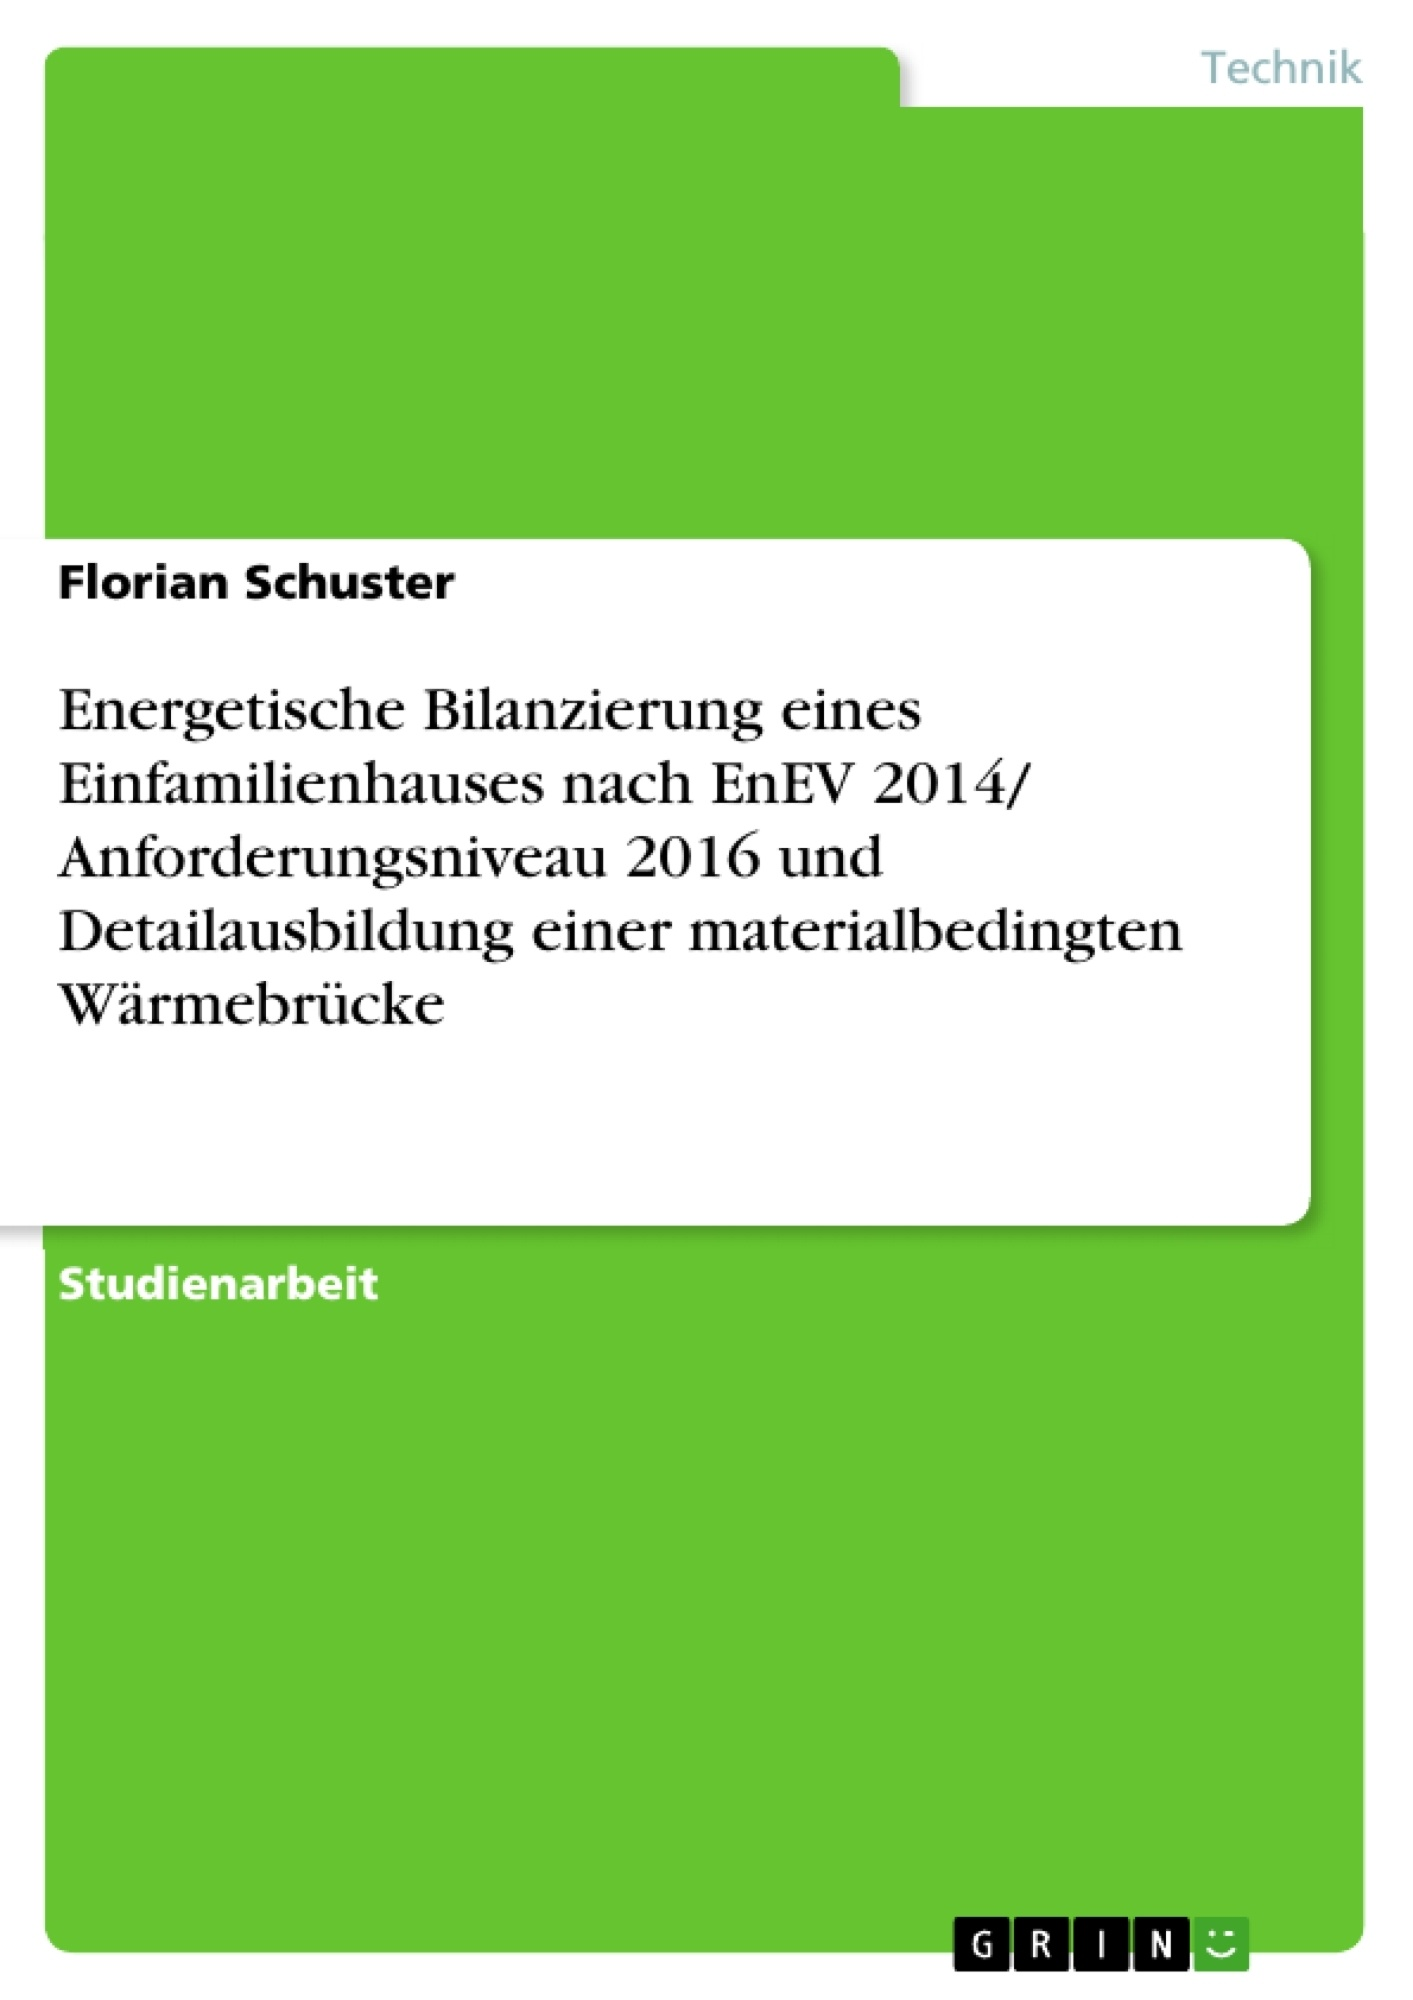 Titel: Energetische Bilanzierung eines Einfamilienhauses nach EnEV 2014/ Anforderungsniveau 2016 und Detailausbildung einer materialbedingten Wärmebrücke